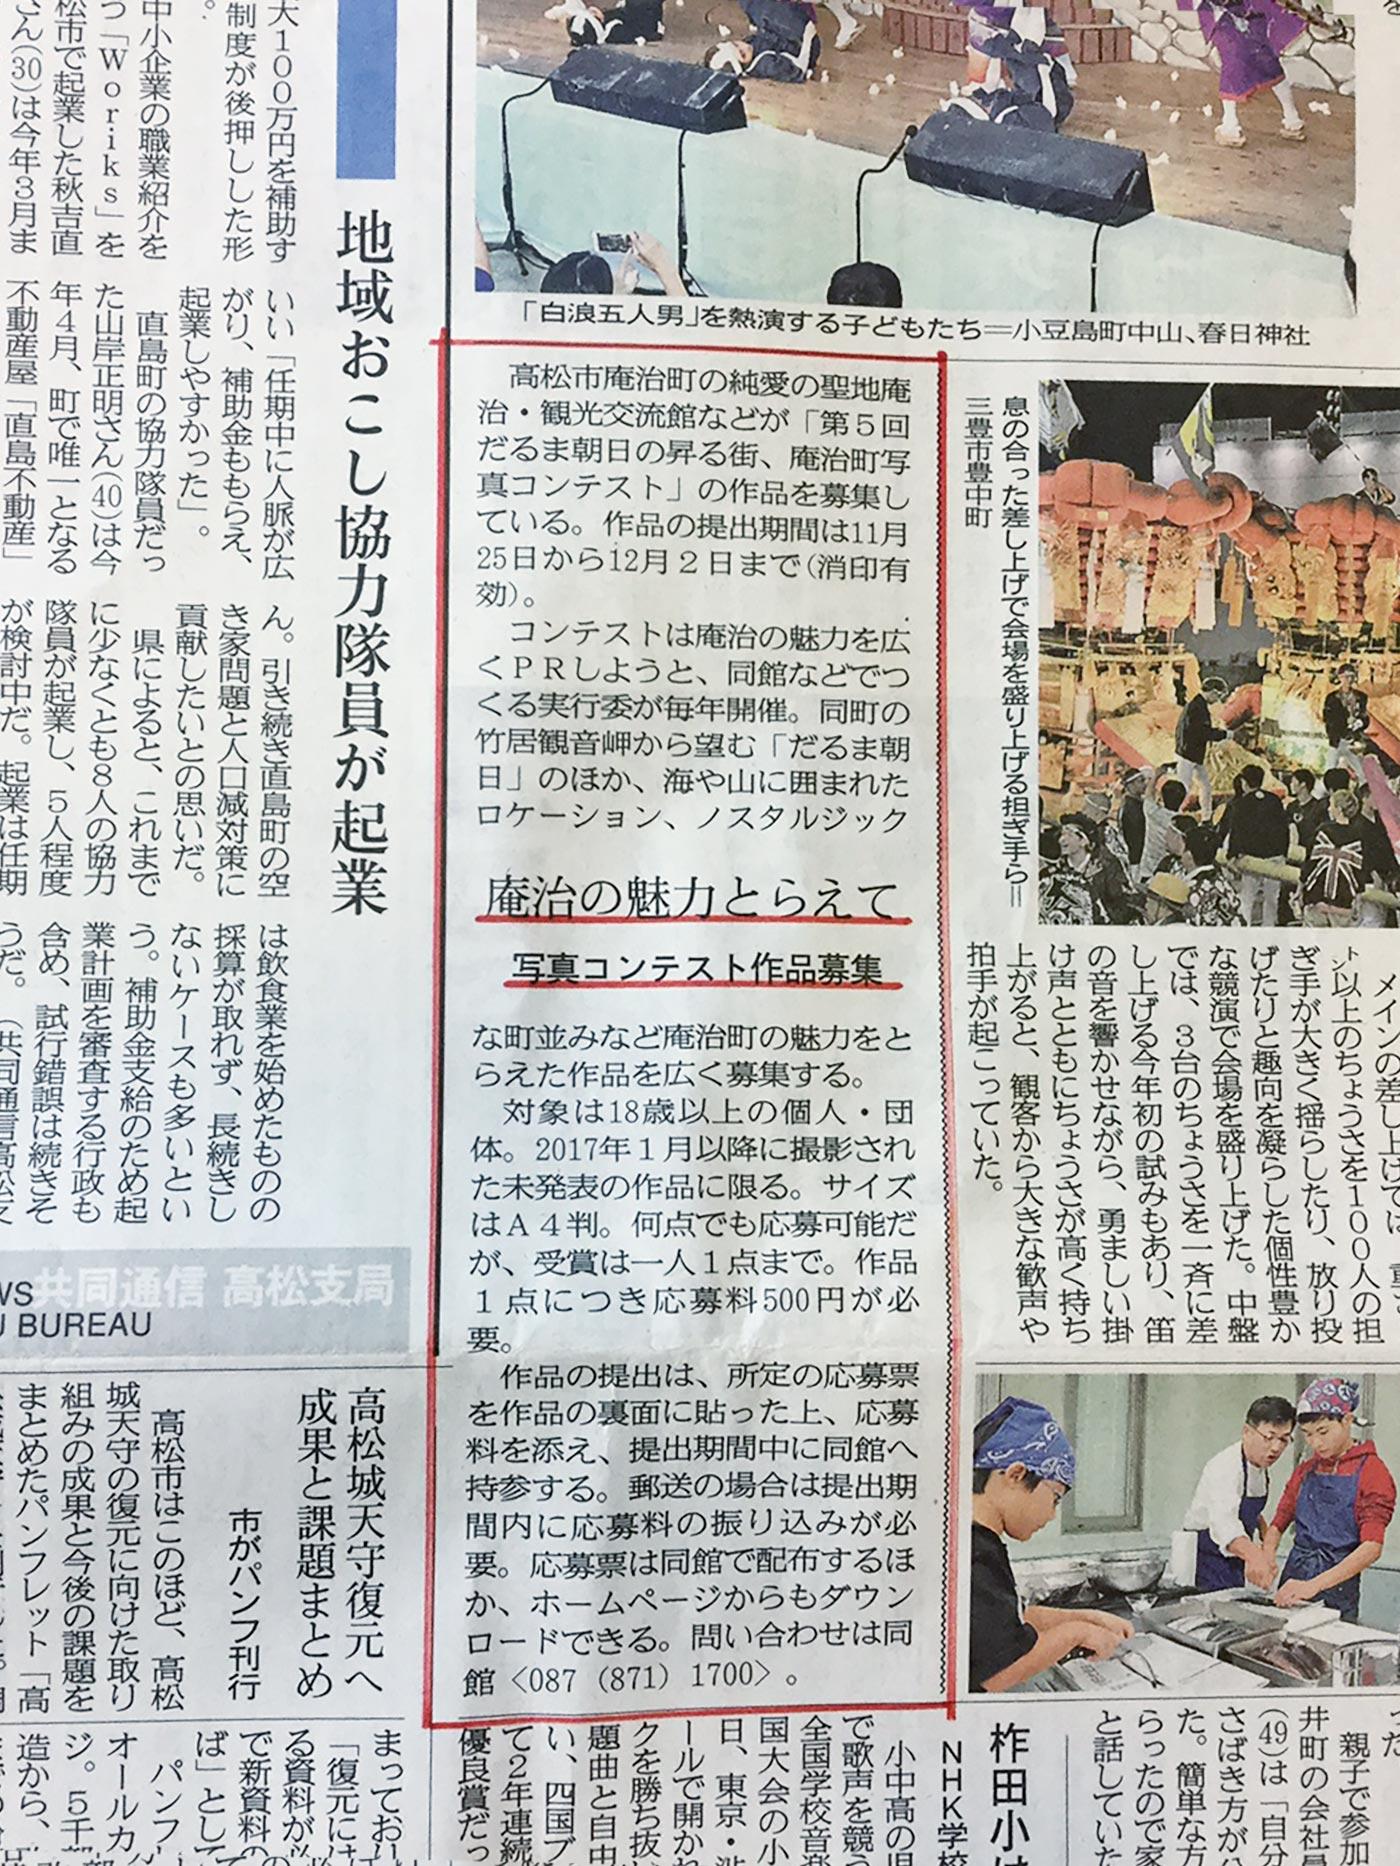 だるま朝日写真募集記事2018 - 四国新聞さん